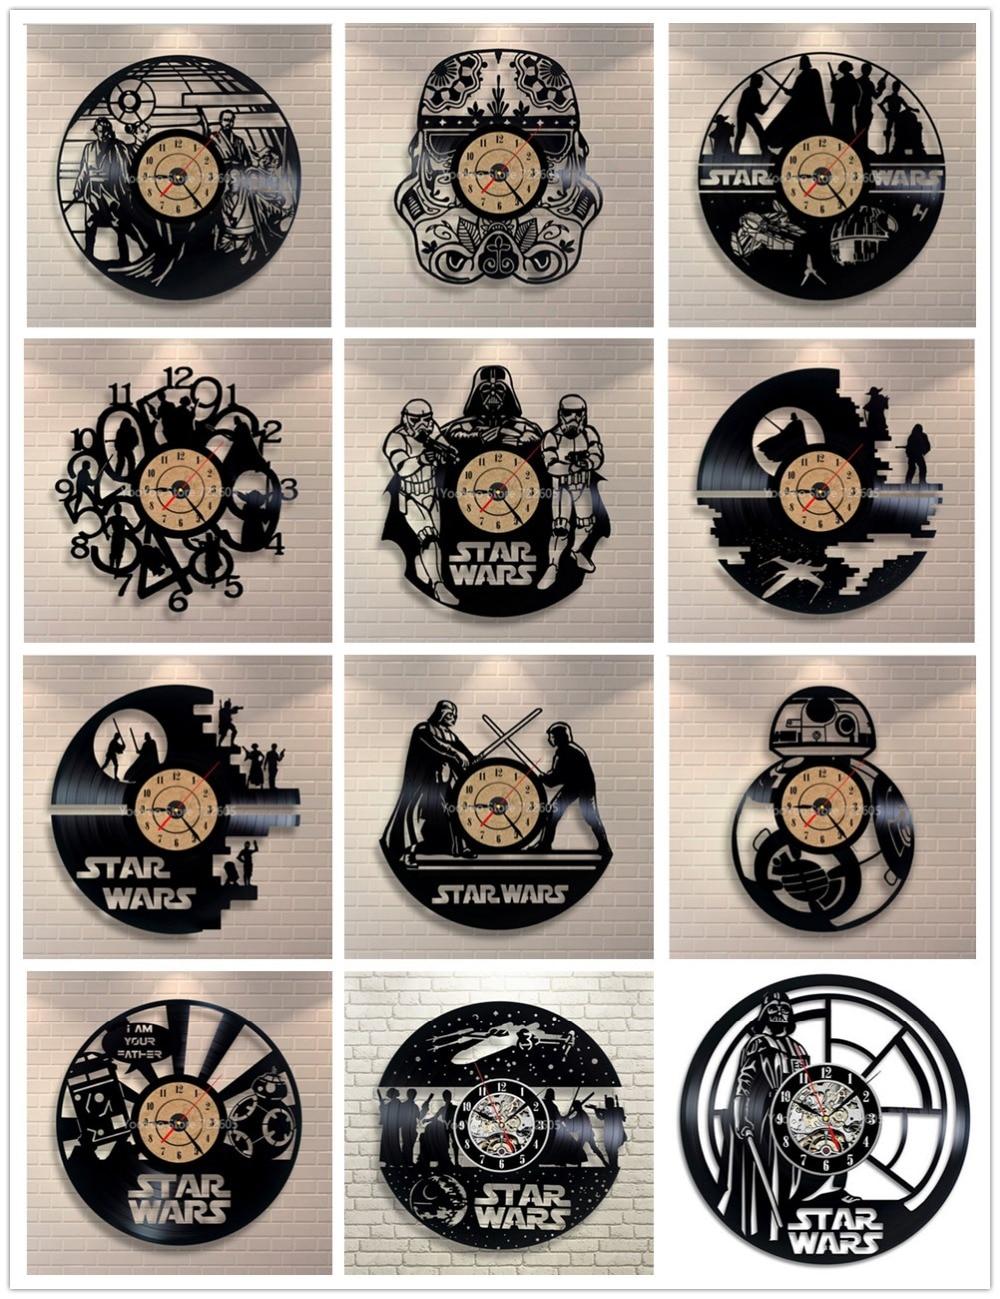 Star wars 3d relógio de parede vinil registro relógio criativo pingente decoração para casa